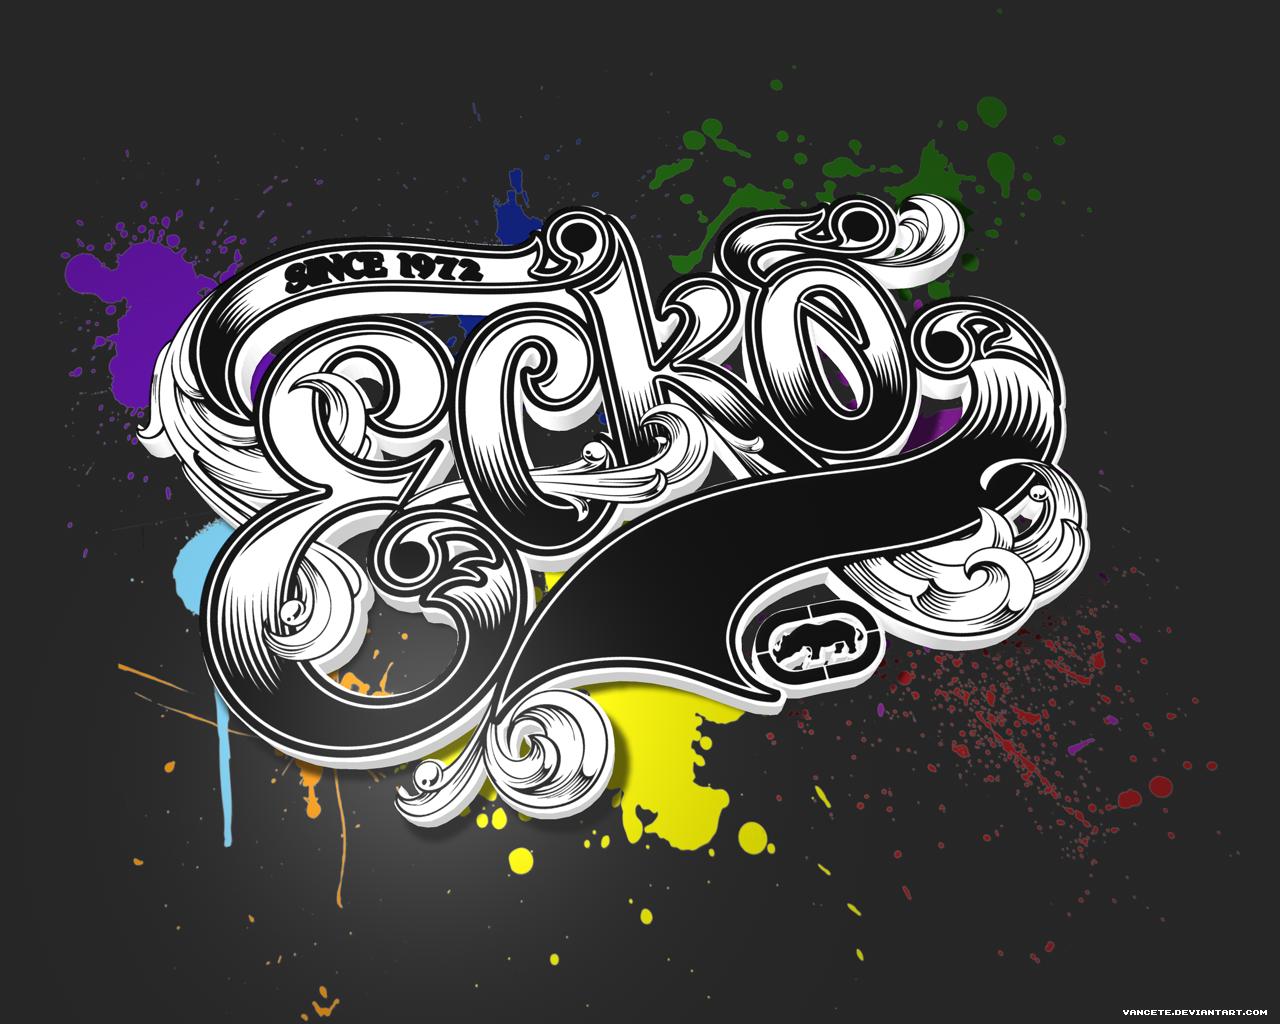 Ecko Unlimited Wallpaper PicsWallpapercom 1280x1024